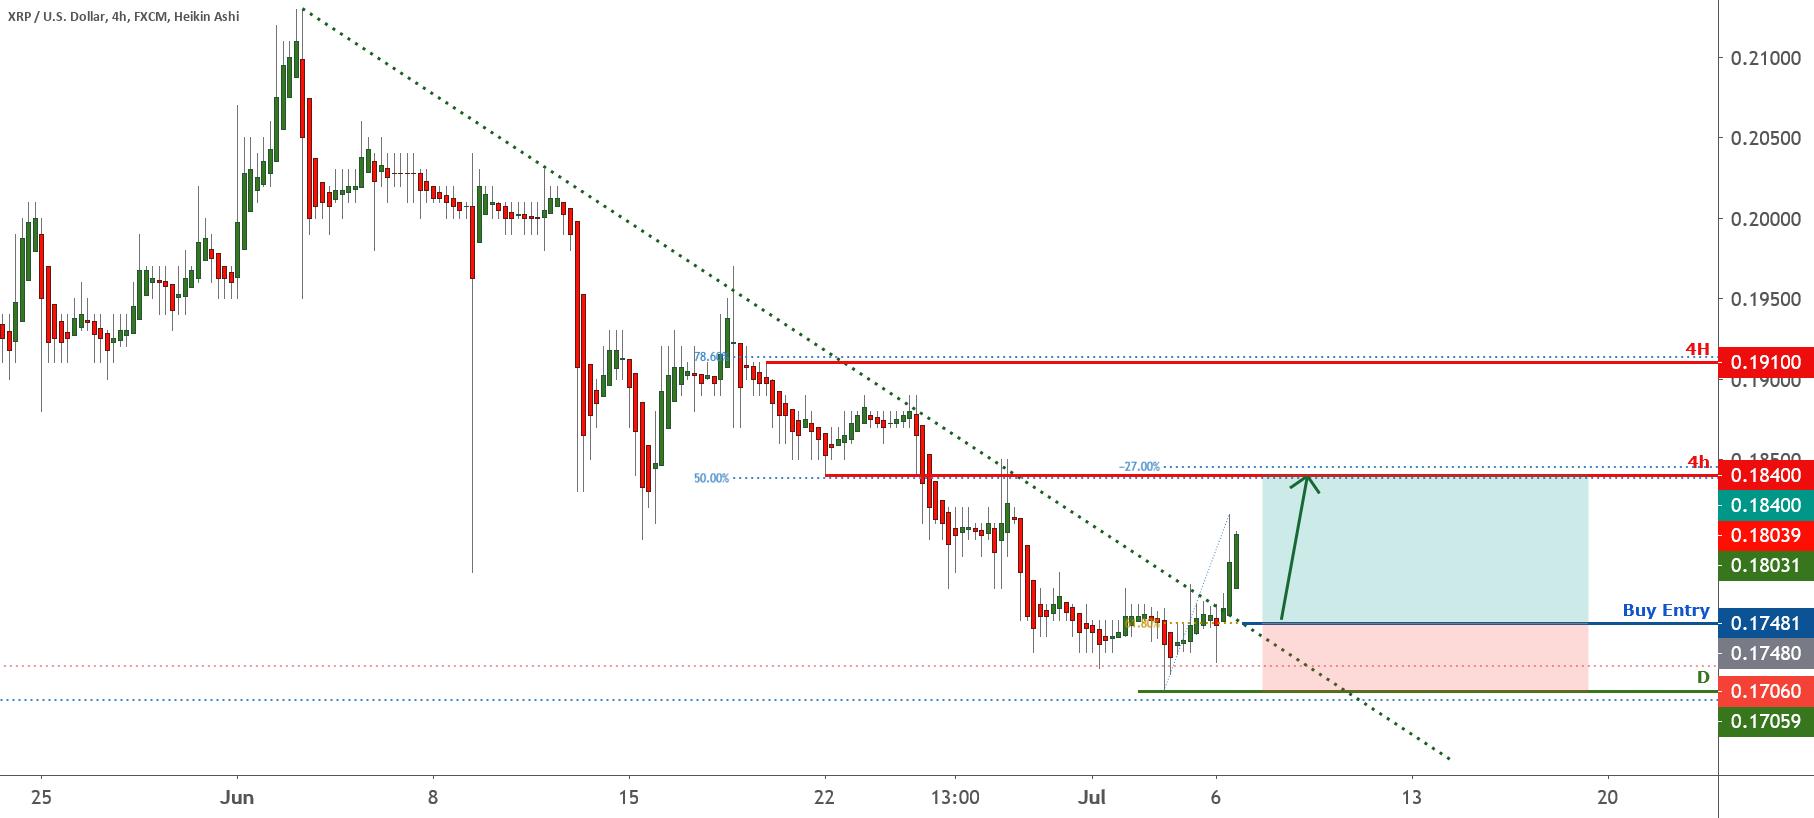 XRP broke above descending trendline resistance! | 6th July 2020 for FX:XRPUSD by FXCM